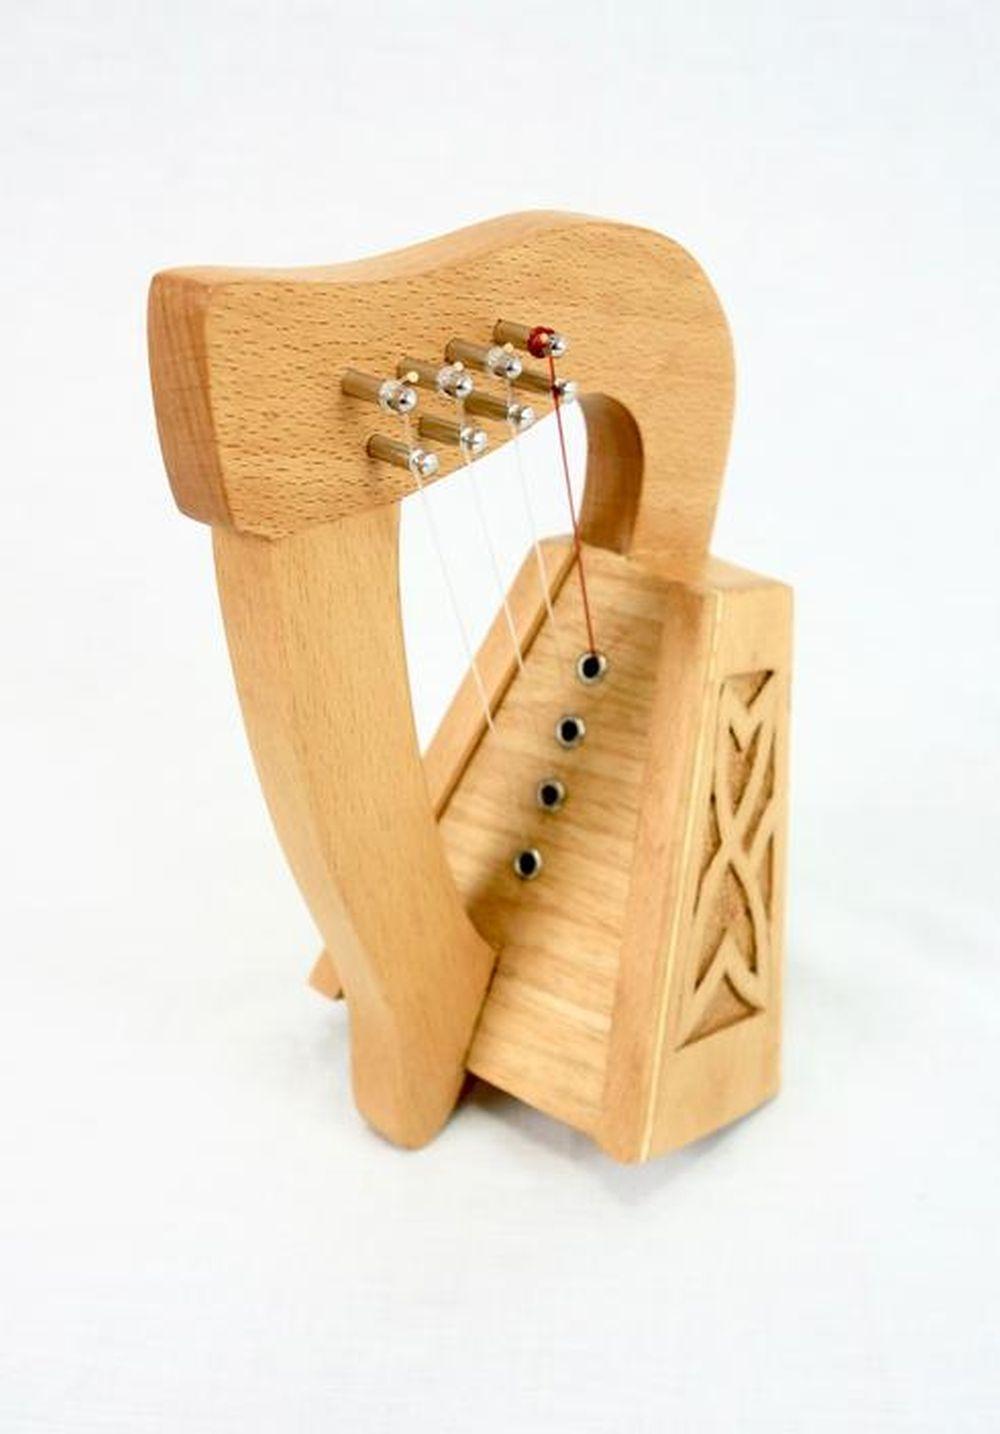 EMS 4 String Knee Harp: Knee Harp